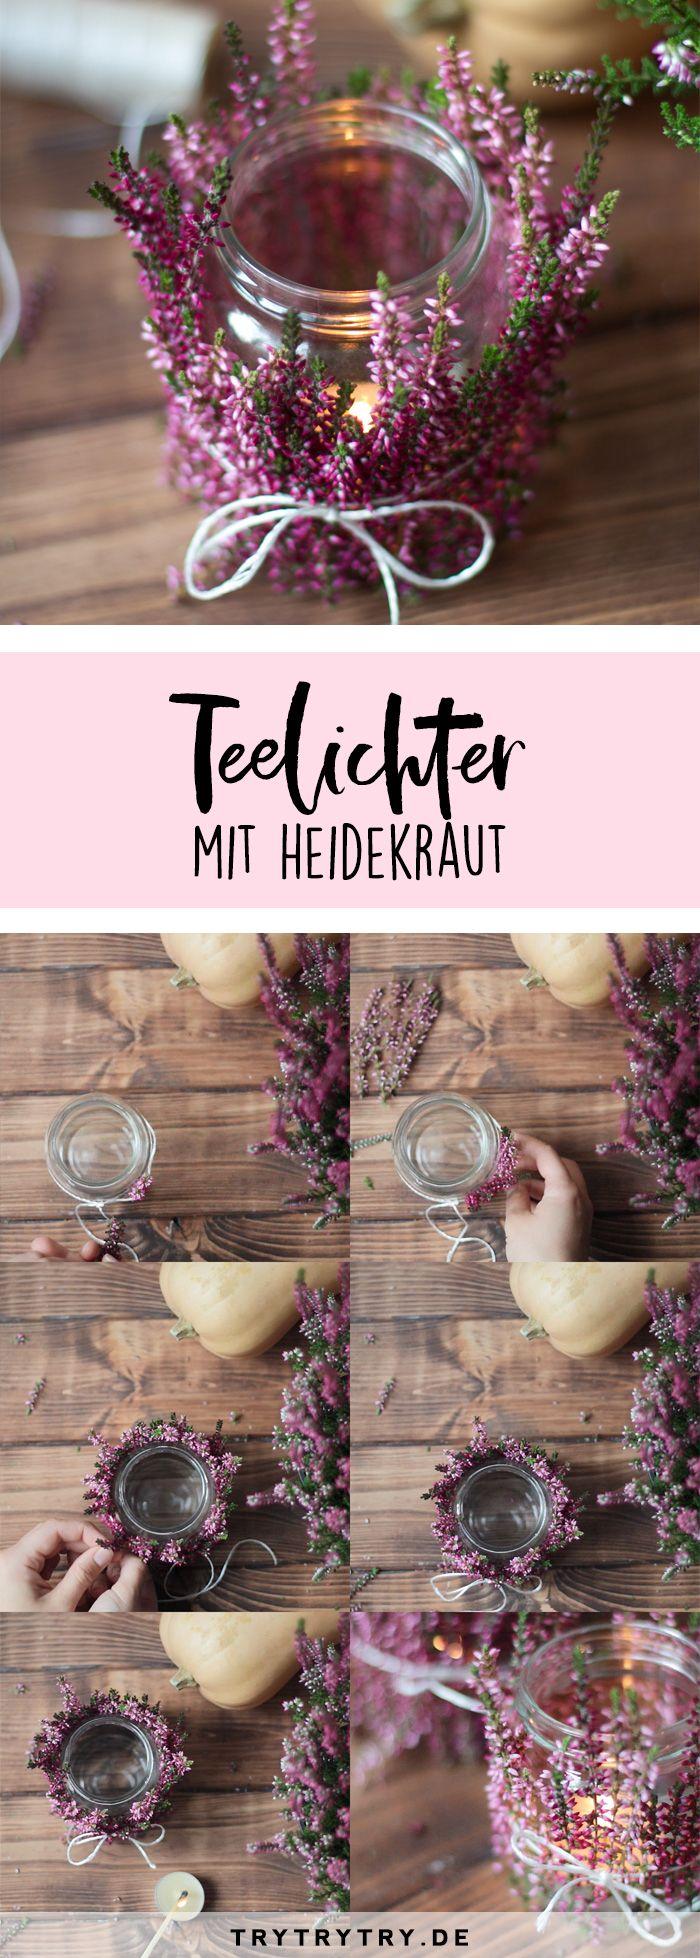 DIY Herbstdeko - Teelichter mit Heidekraut. Super einfache Bastelanleitung für den Herbst, zum Beispiel als Tischdeko #herbstdekotisch